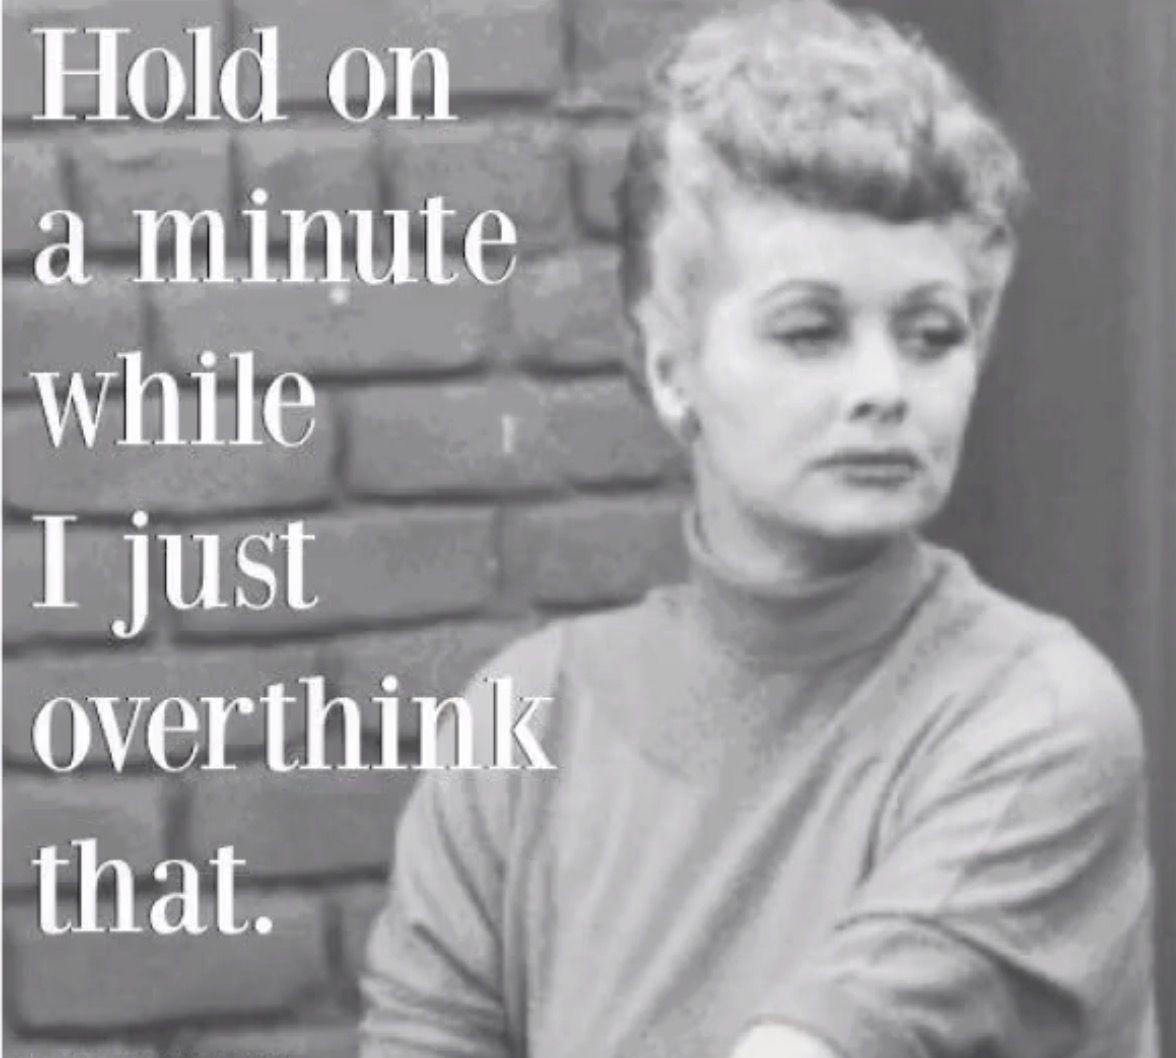 Overthink, retro humor                                                       …